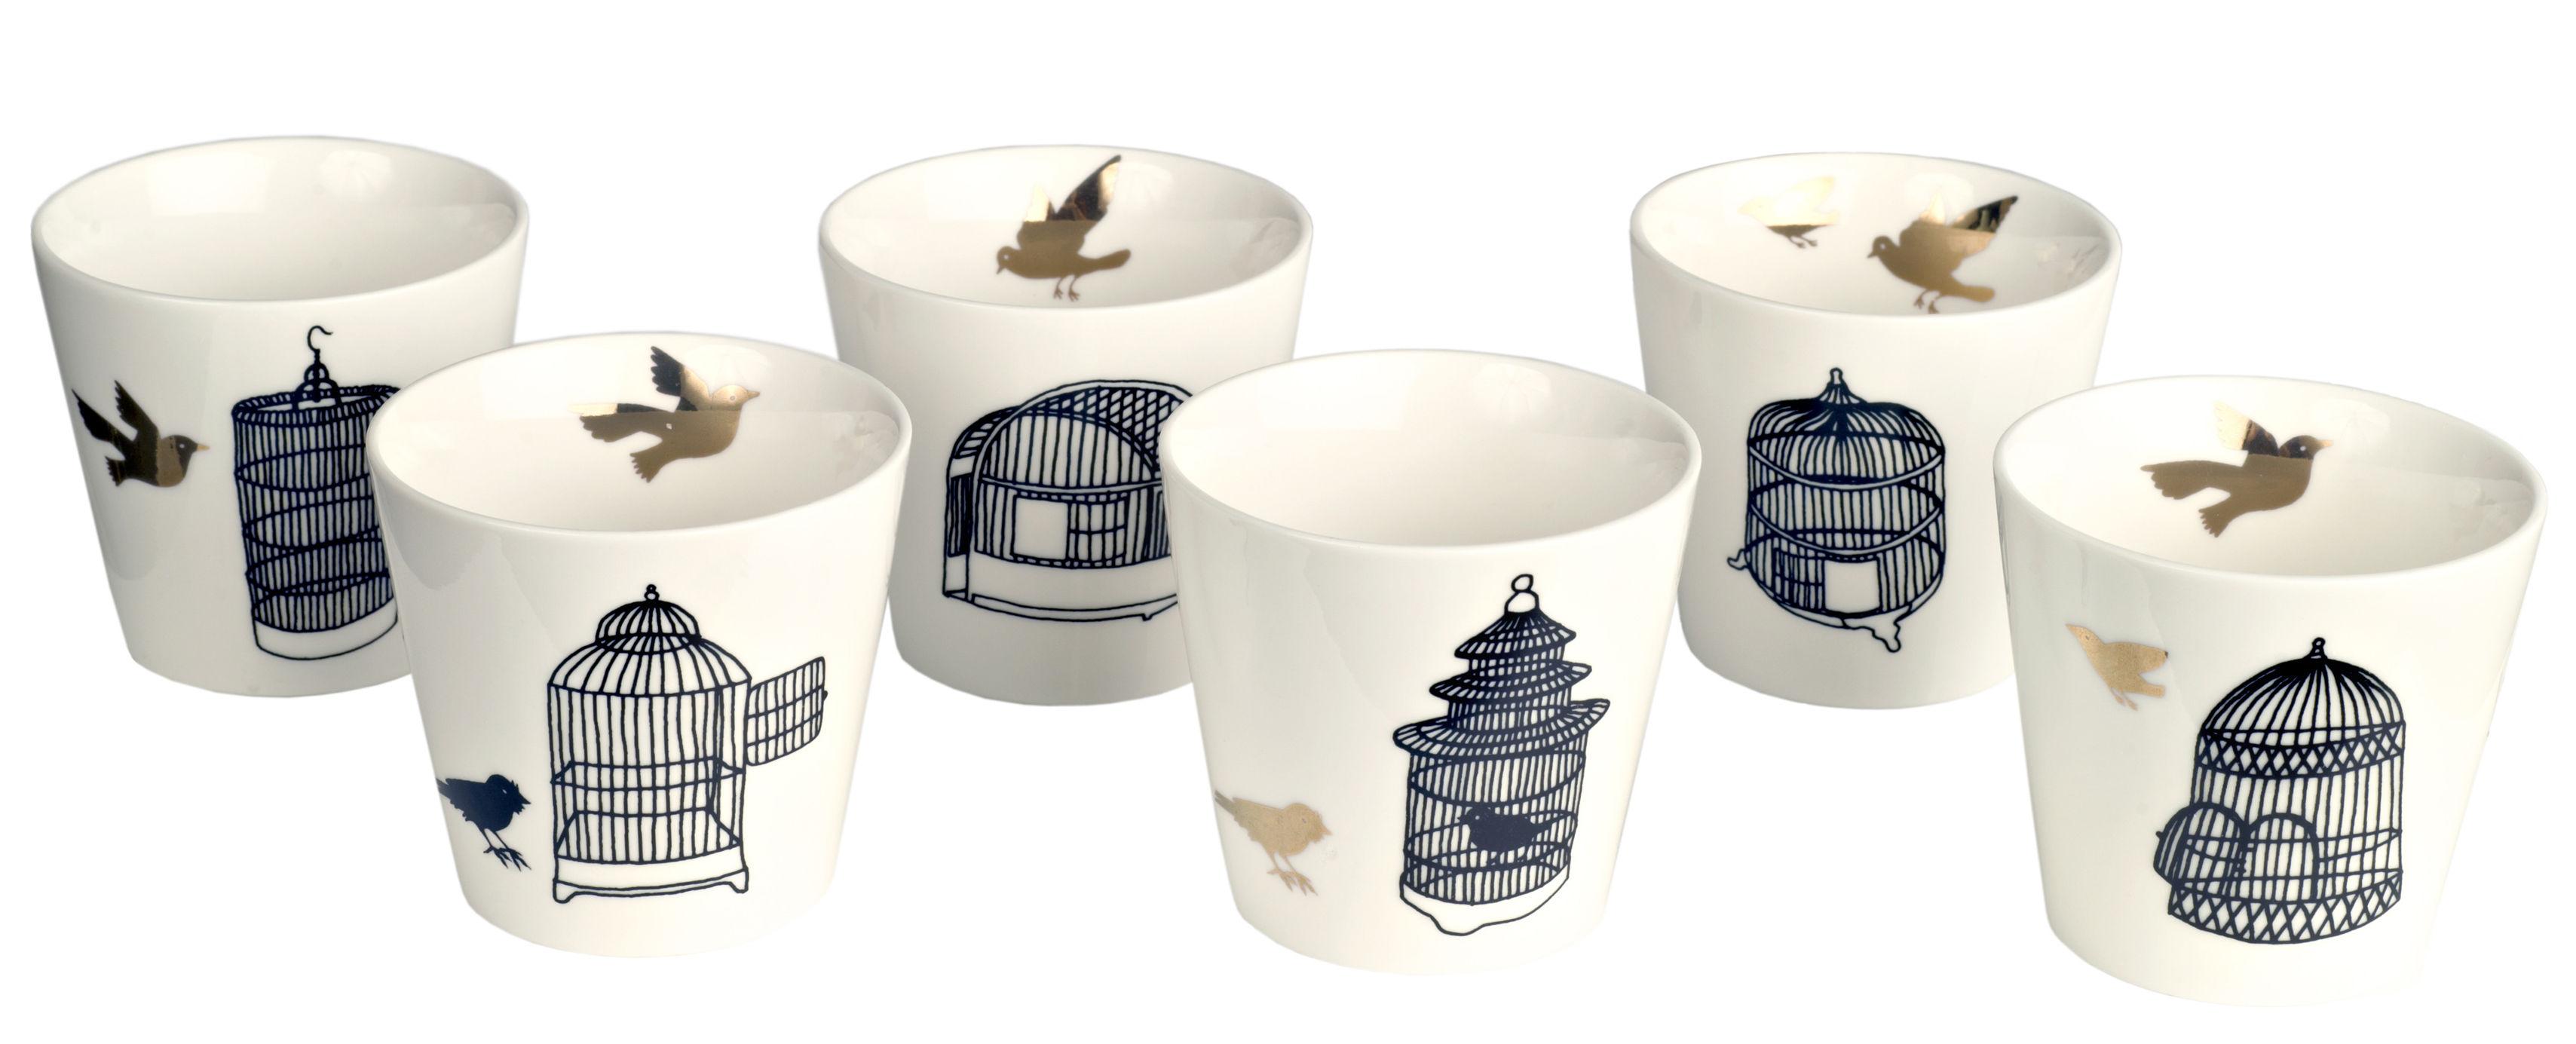 Arts de la table - Tasses et mugs - Tasse Freedom Birds / Set de 6 - Pols Potten - Motifs noirs & or - Porcelaine vernie